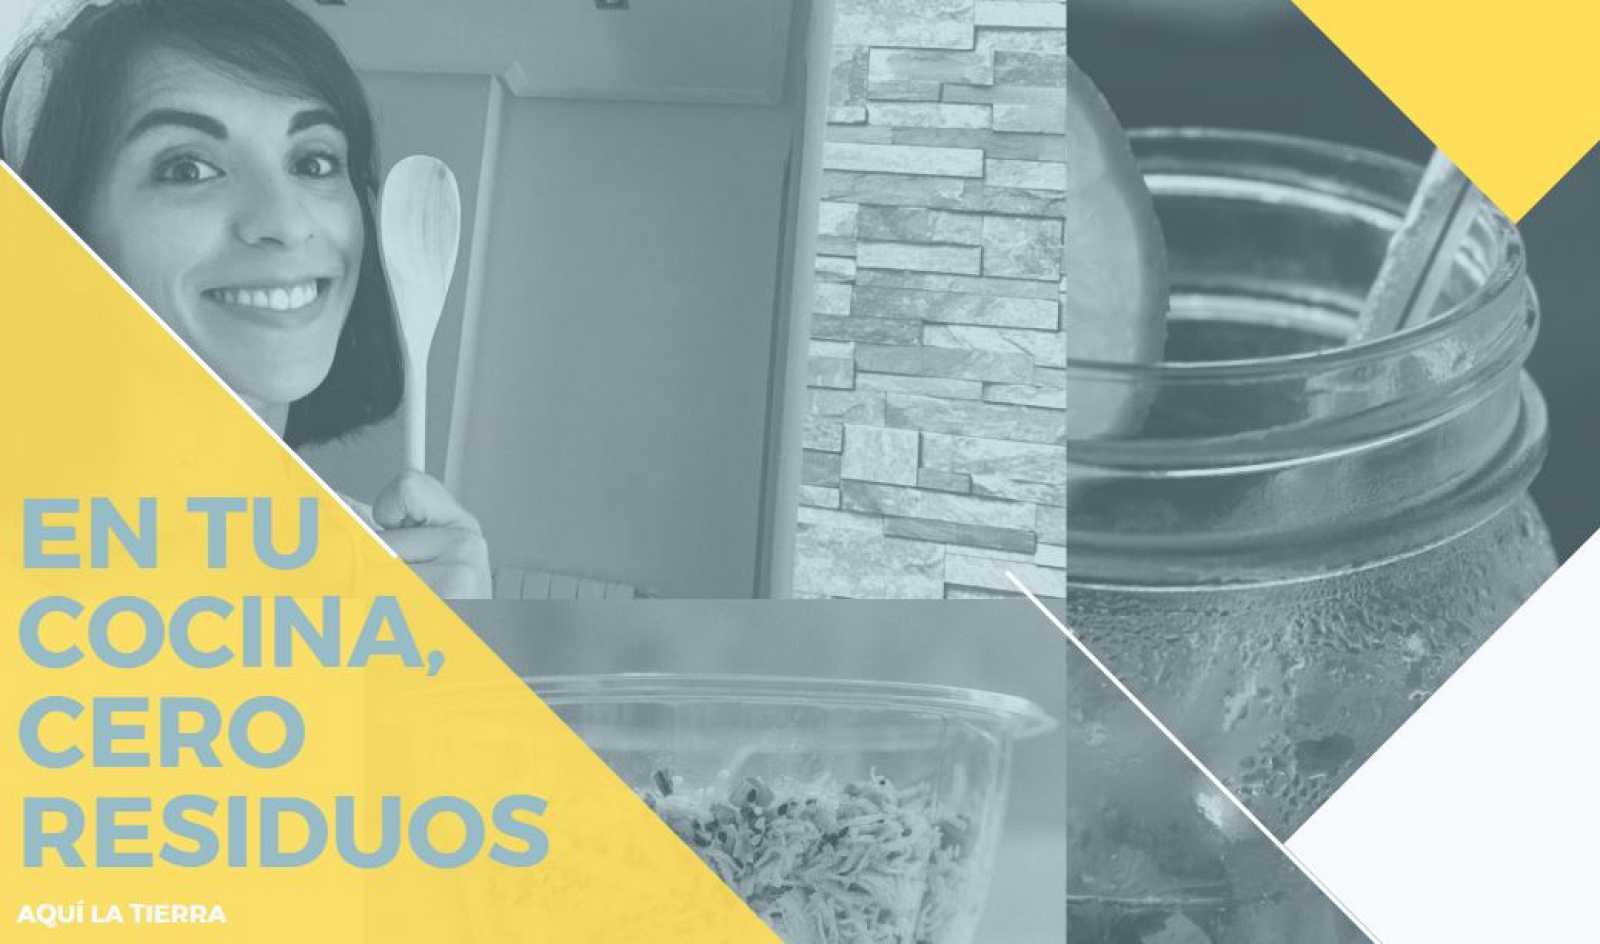 ¿Cómo reducir los residuos en tu cocina?